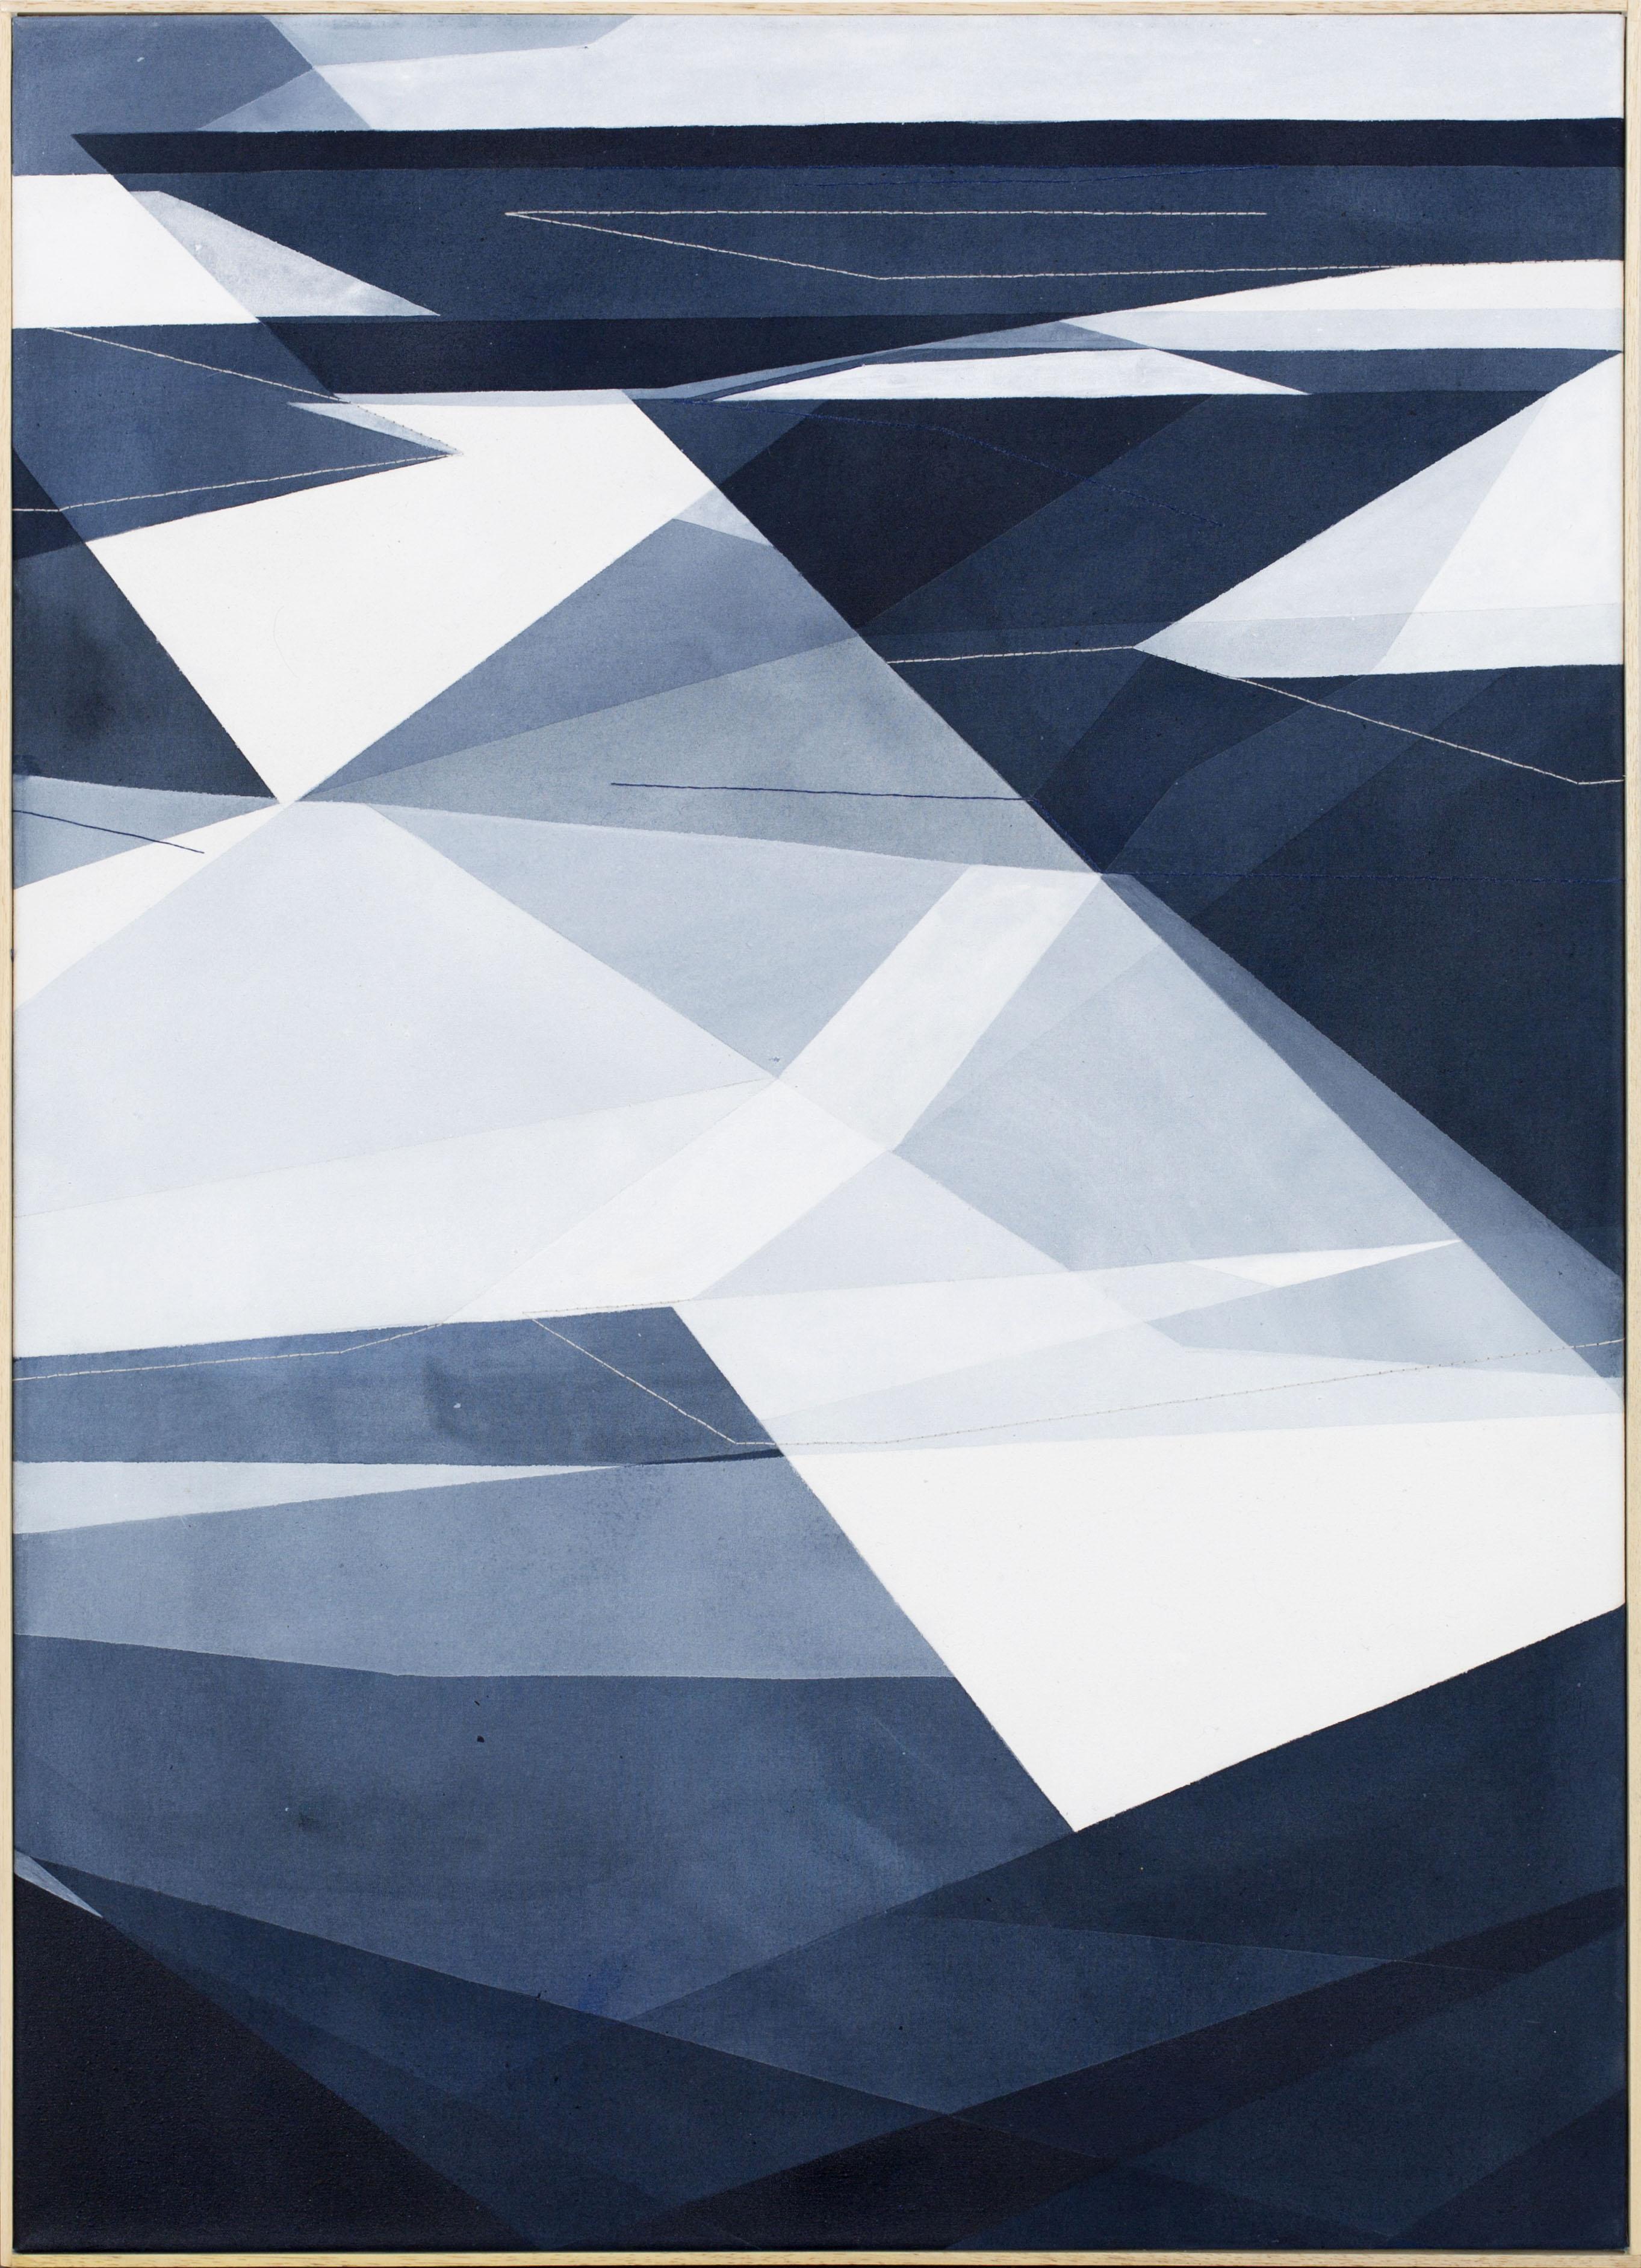 Senza titolo, 65x90cm, 2017. Acrilico acquerellato e tessiture su tela - Watercolour on acrylic and weaving on canvas.